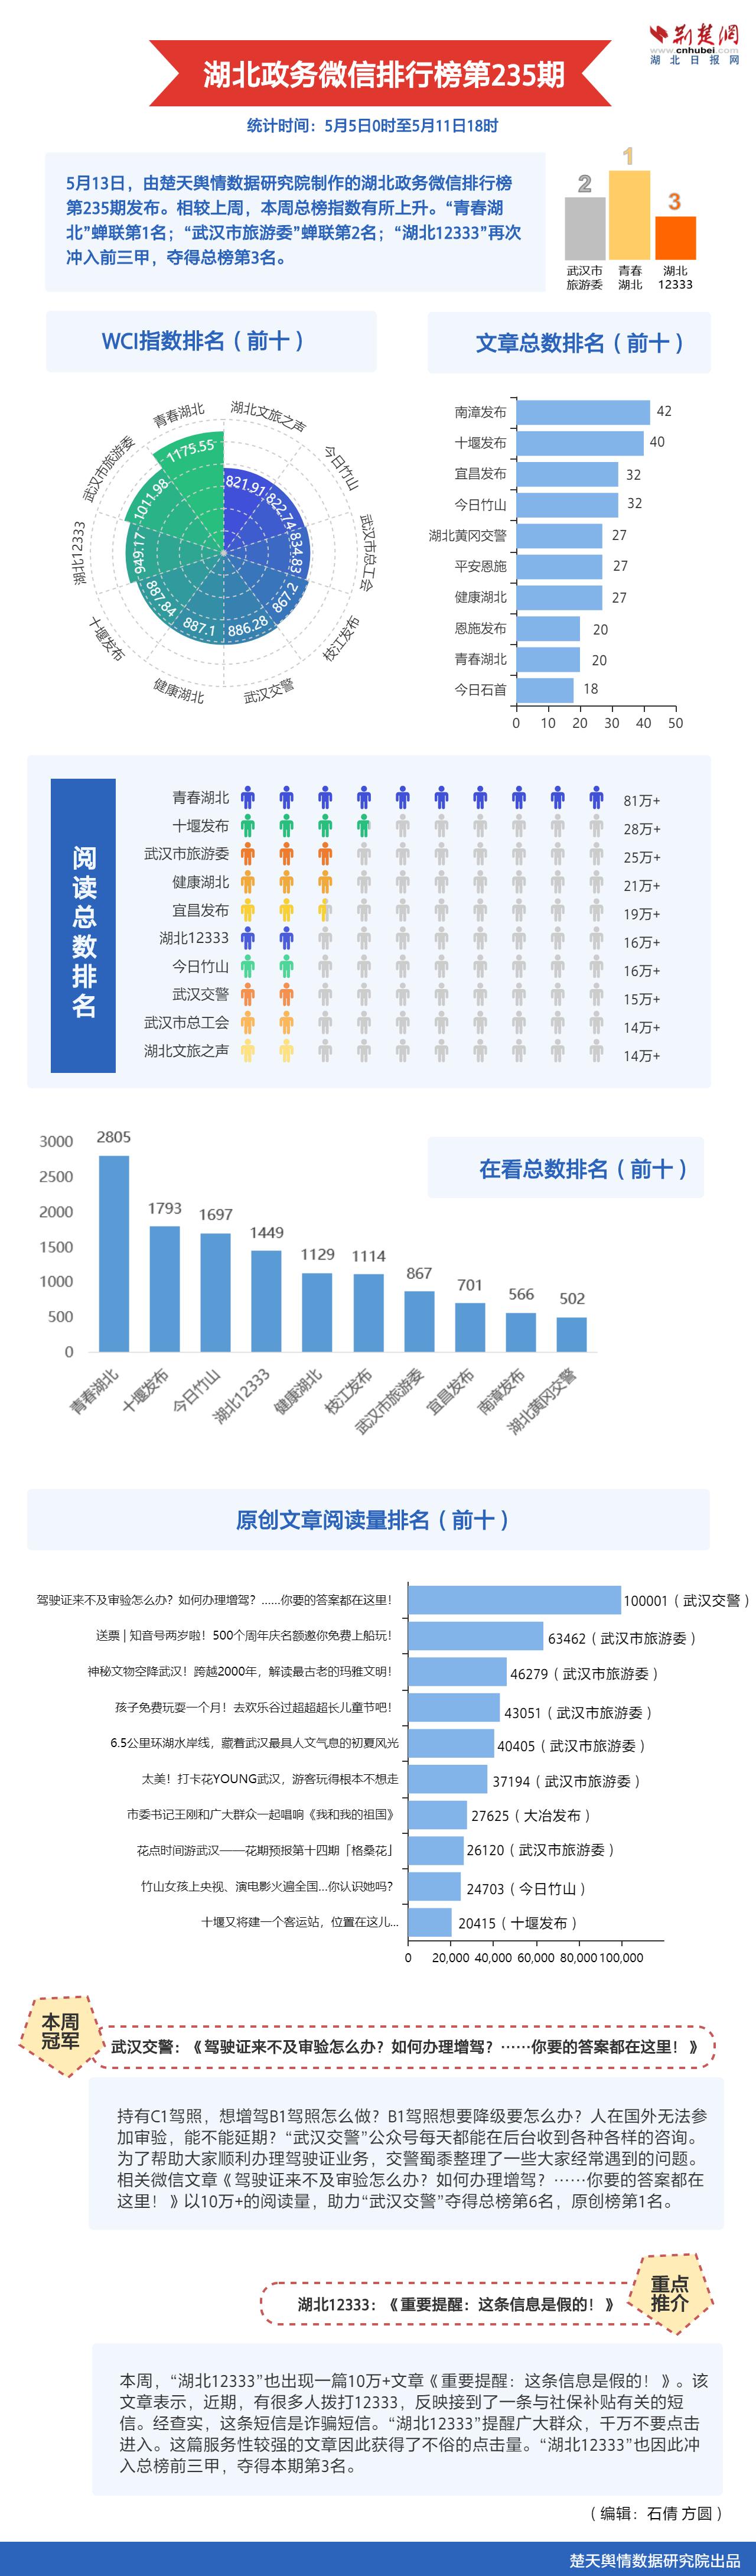 """湖北政务微信排行榜235期发布 """"湖北12333""""再入前三"""